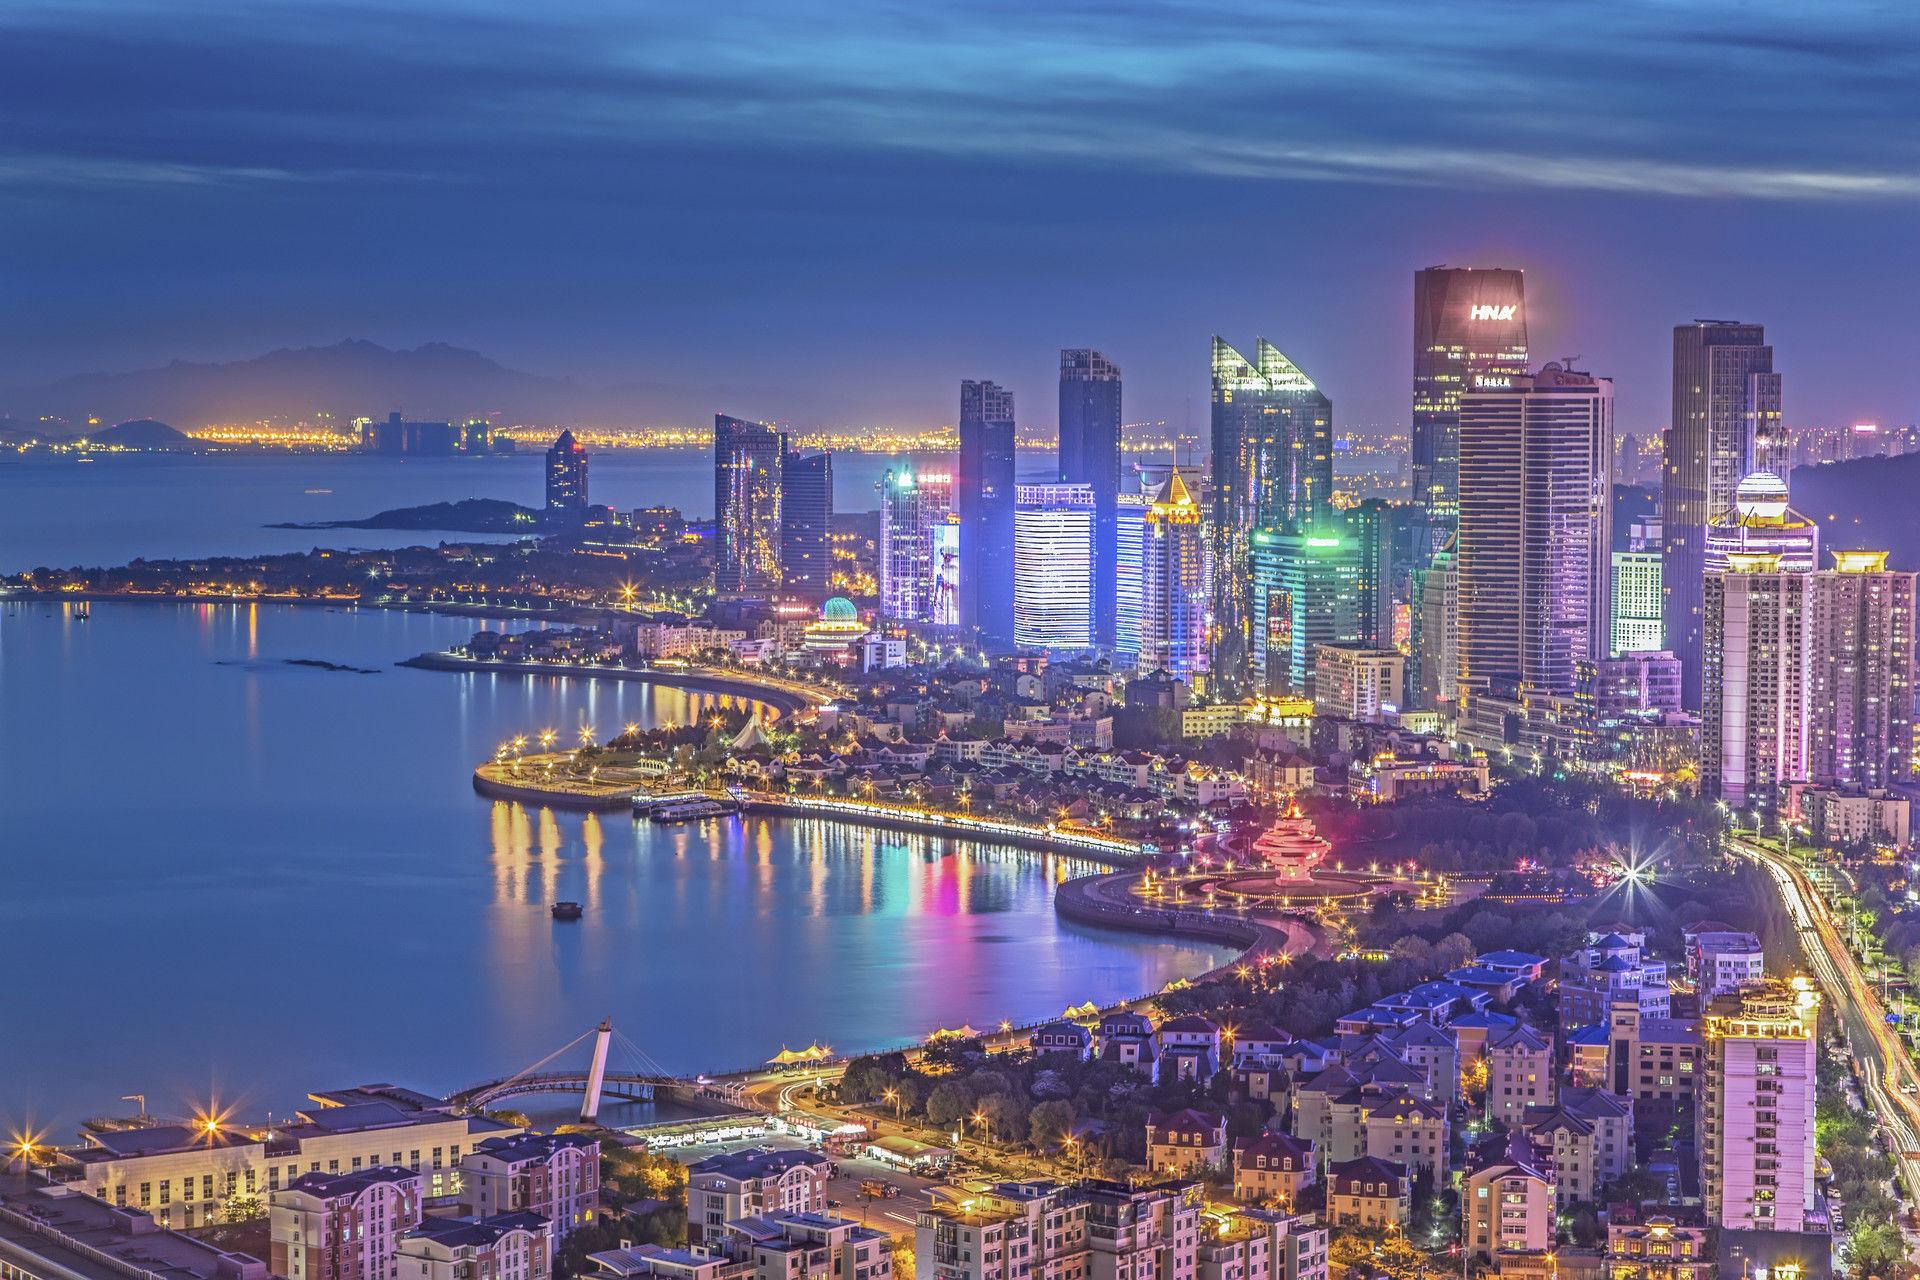 军事资讯_青岛:时尚元素相互交织 彰显国际城市风范_青岛频道_凤凰网